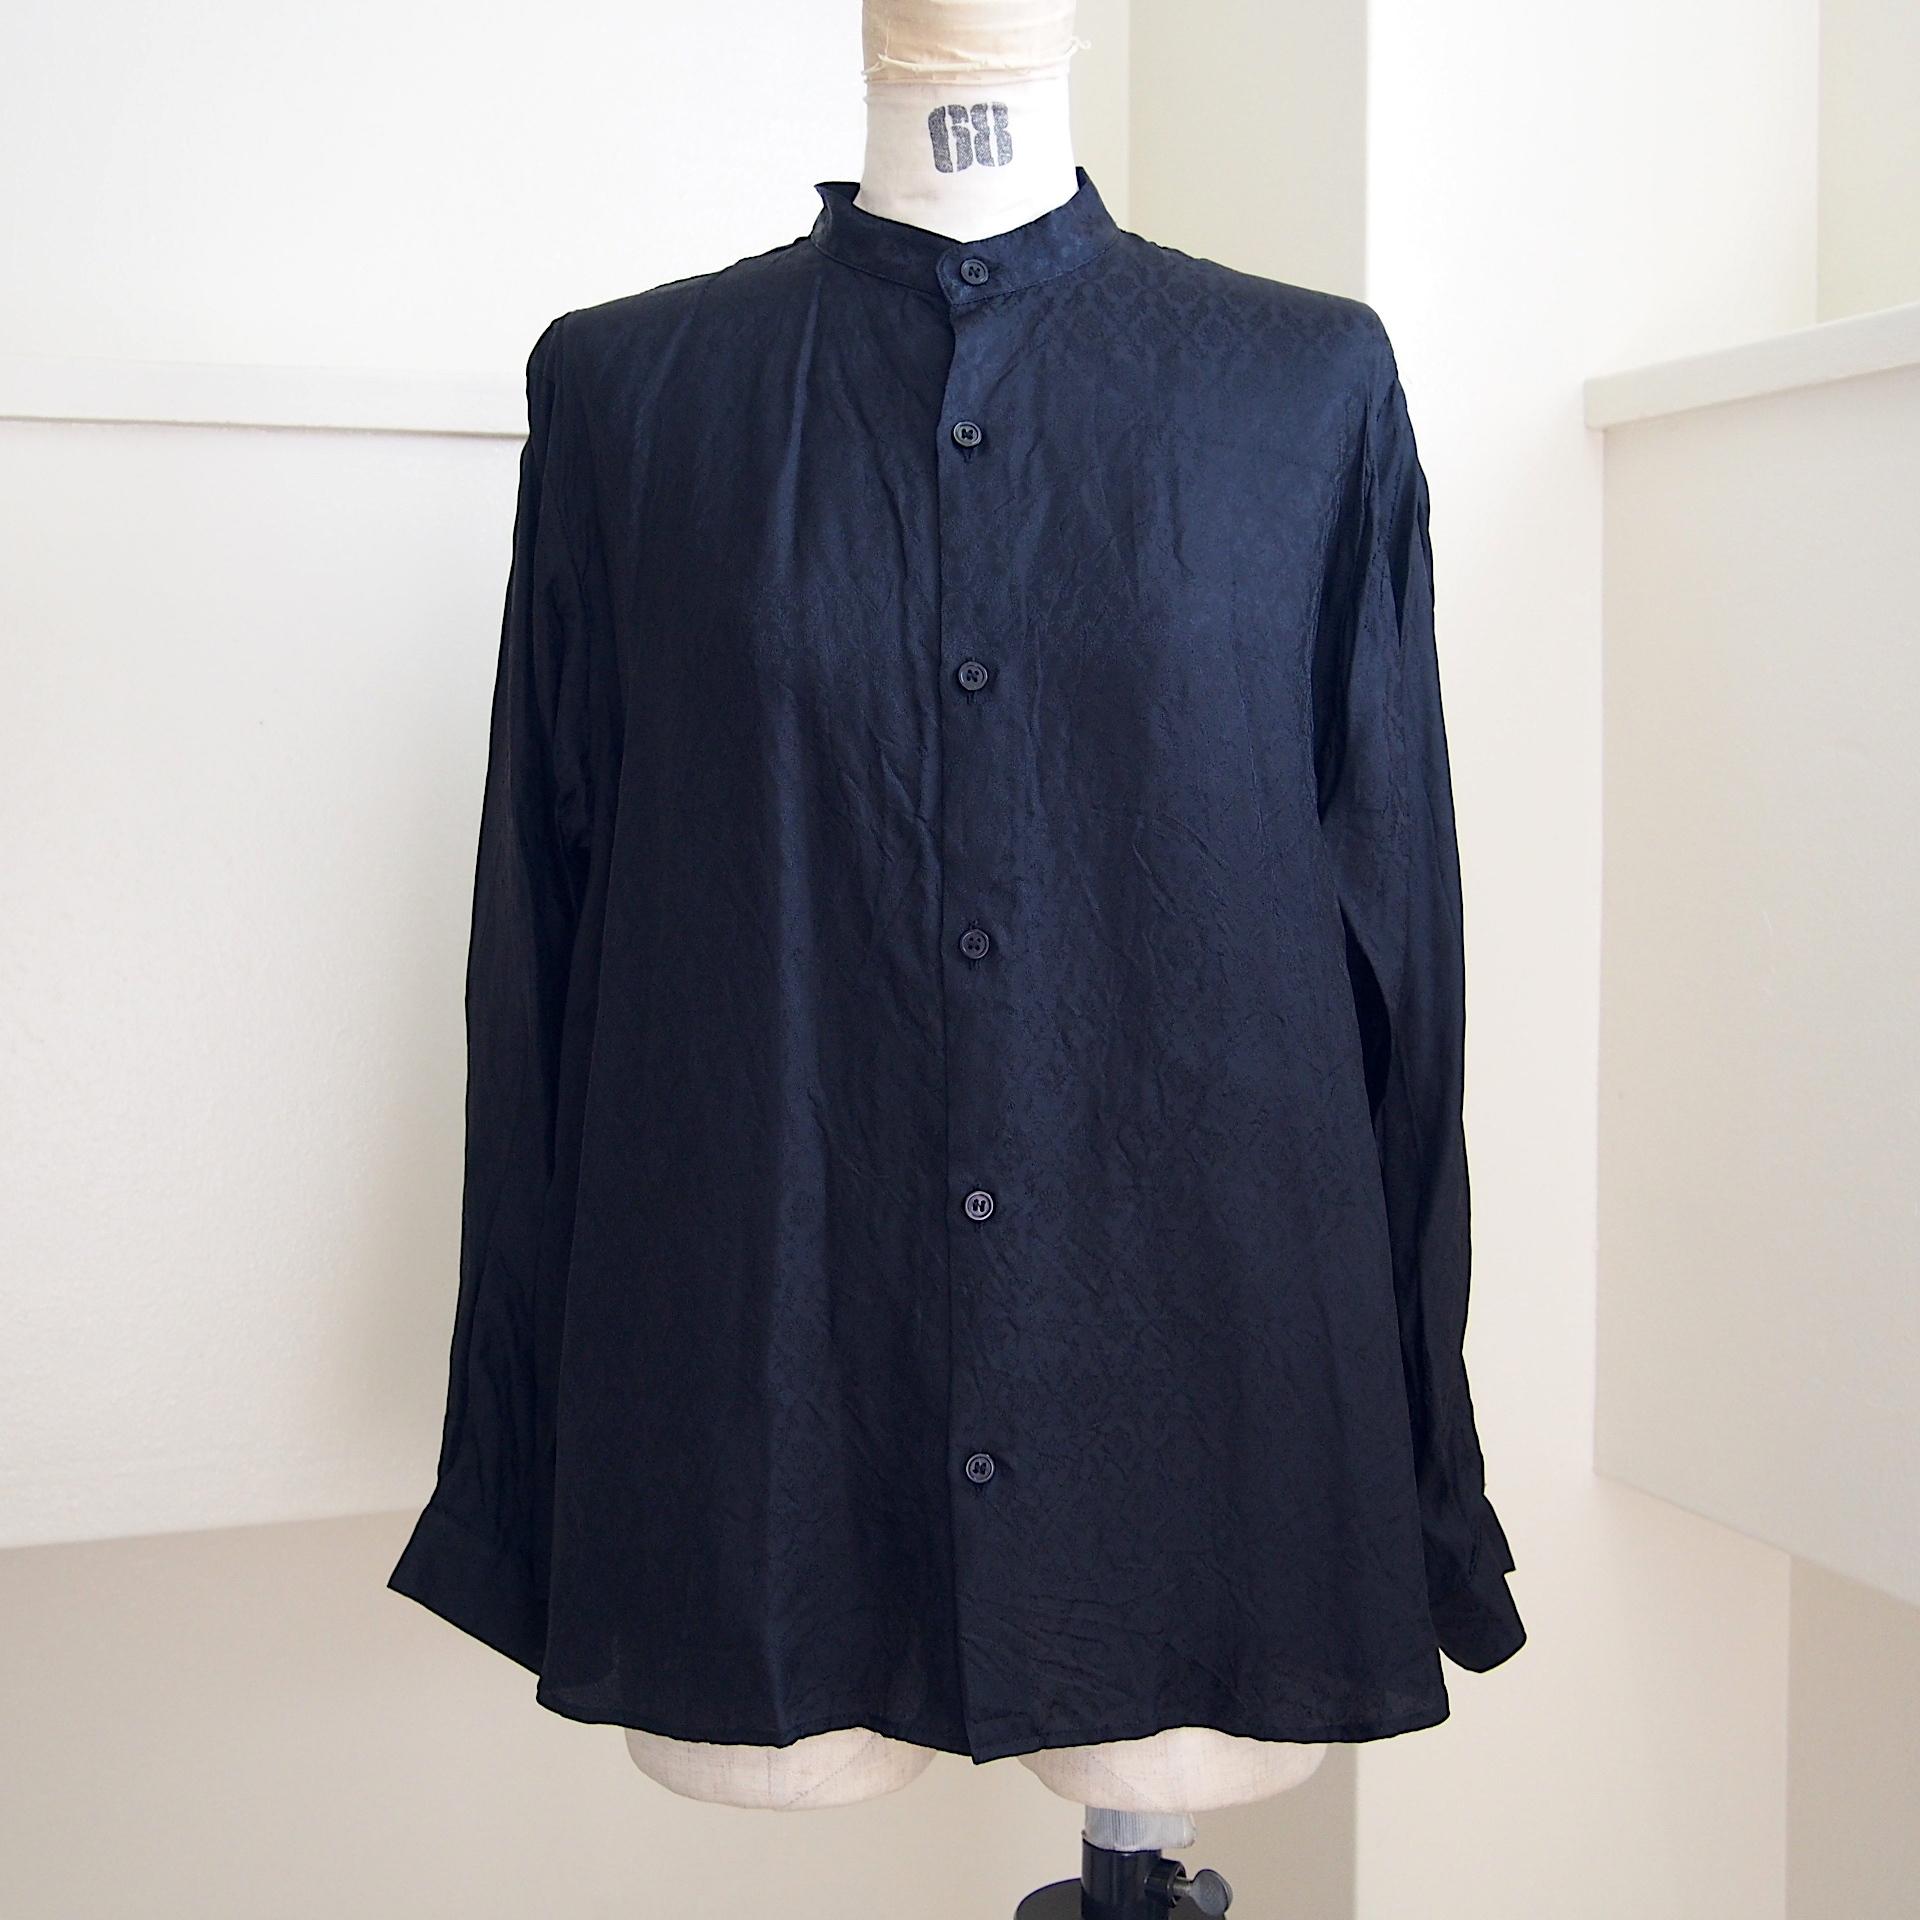 【hippiness】cupro A line shirt (Jacquard10black)/【ヒッピネス】キュプラ Aライン シャツ(ジャガード10ブラック)